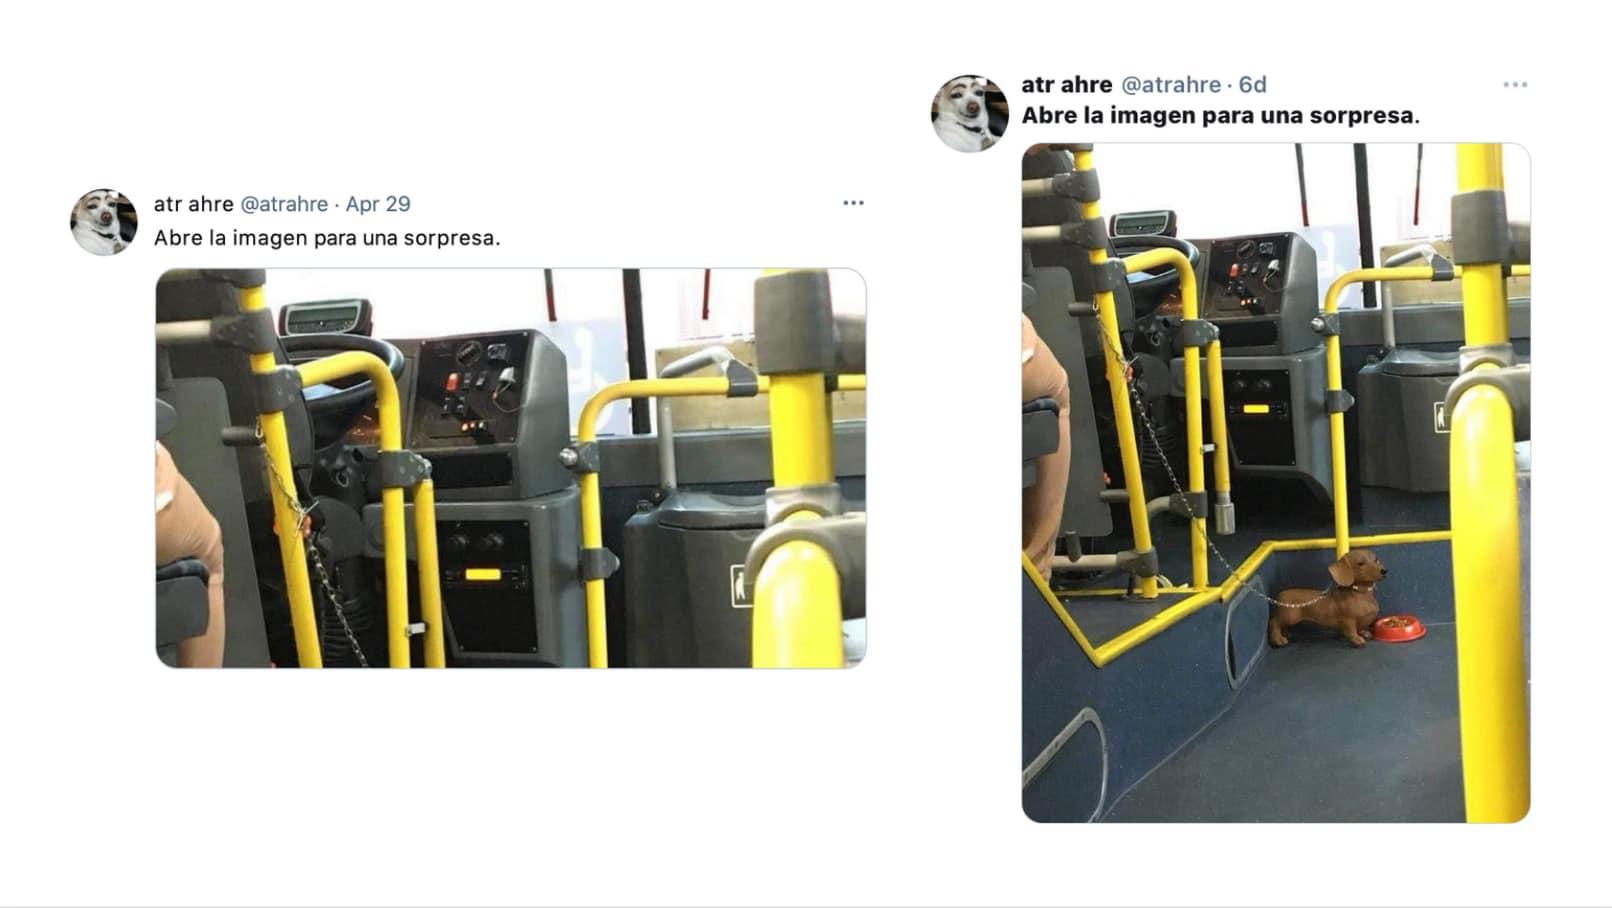 Comparación imágenes Twitter